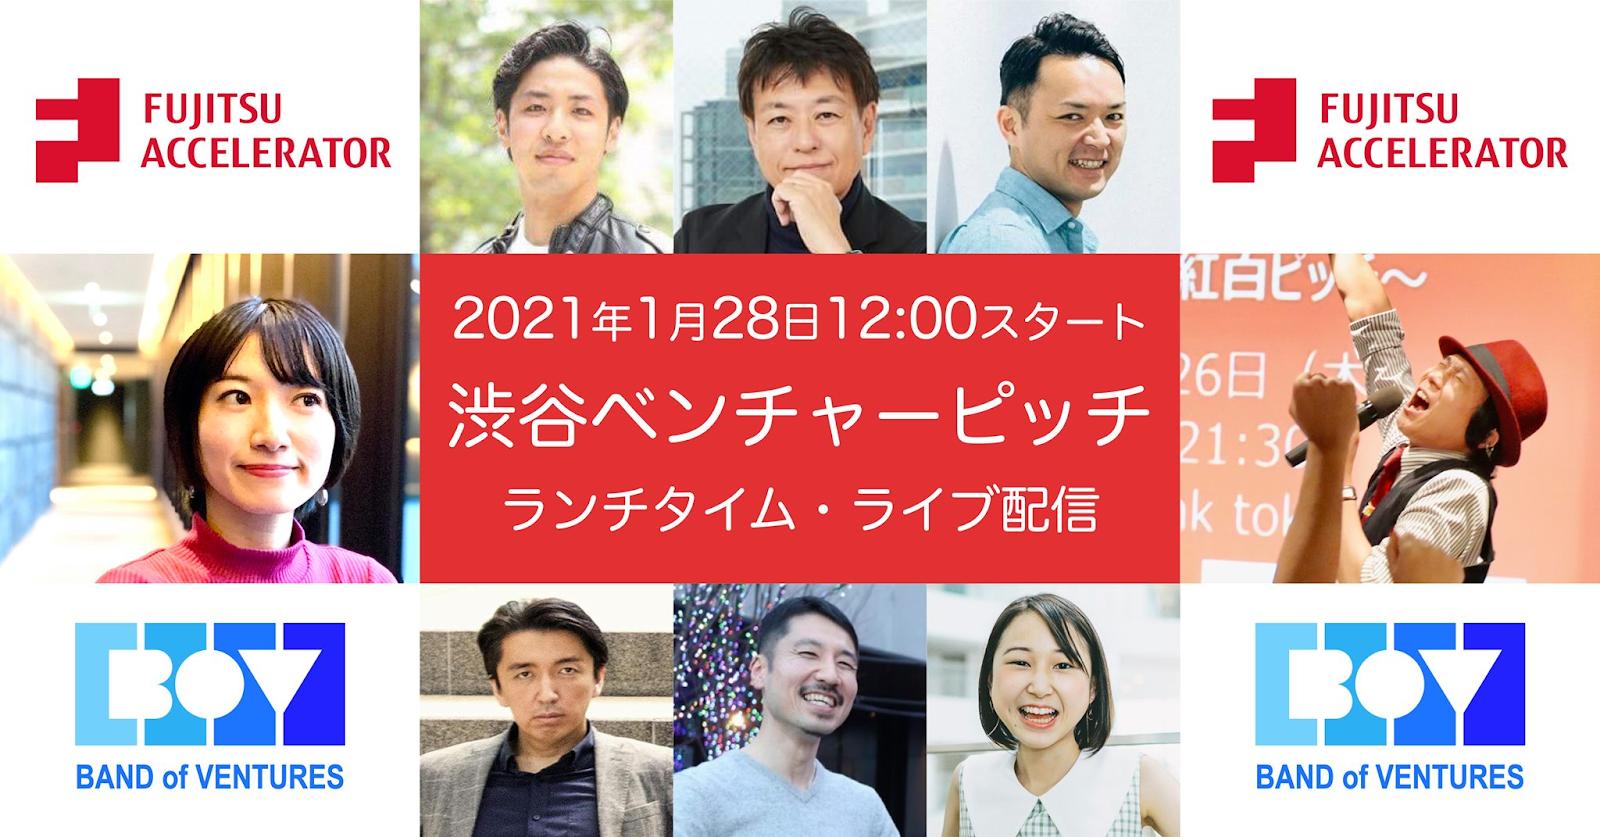 1/28(木)に開催された『渋谷ベンチャーピッチ』に弊社代表和田が登壇いたしました